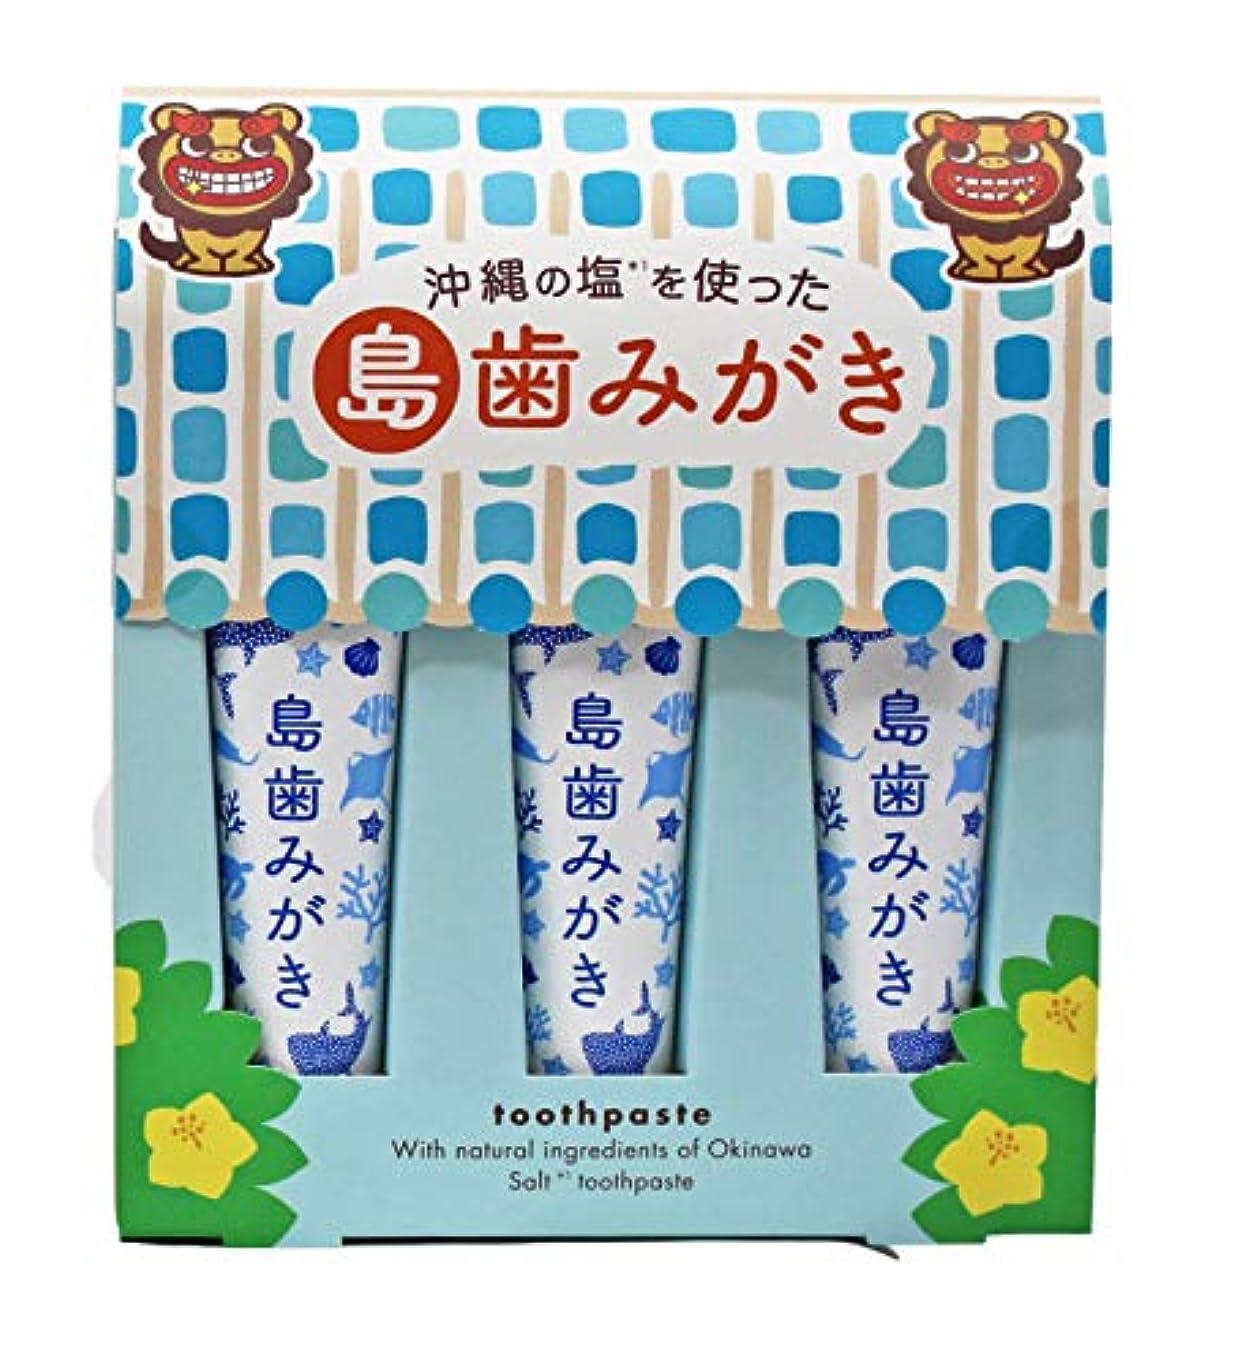 トーク美しい有限沖縄の塩を使った島歯みがき (藍色) 15g×3本入り